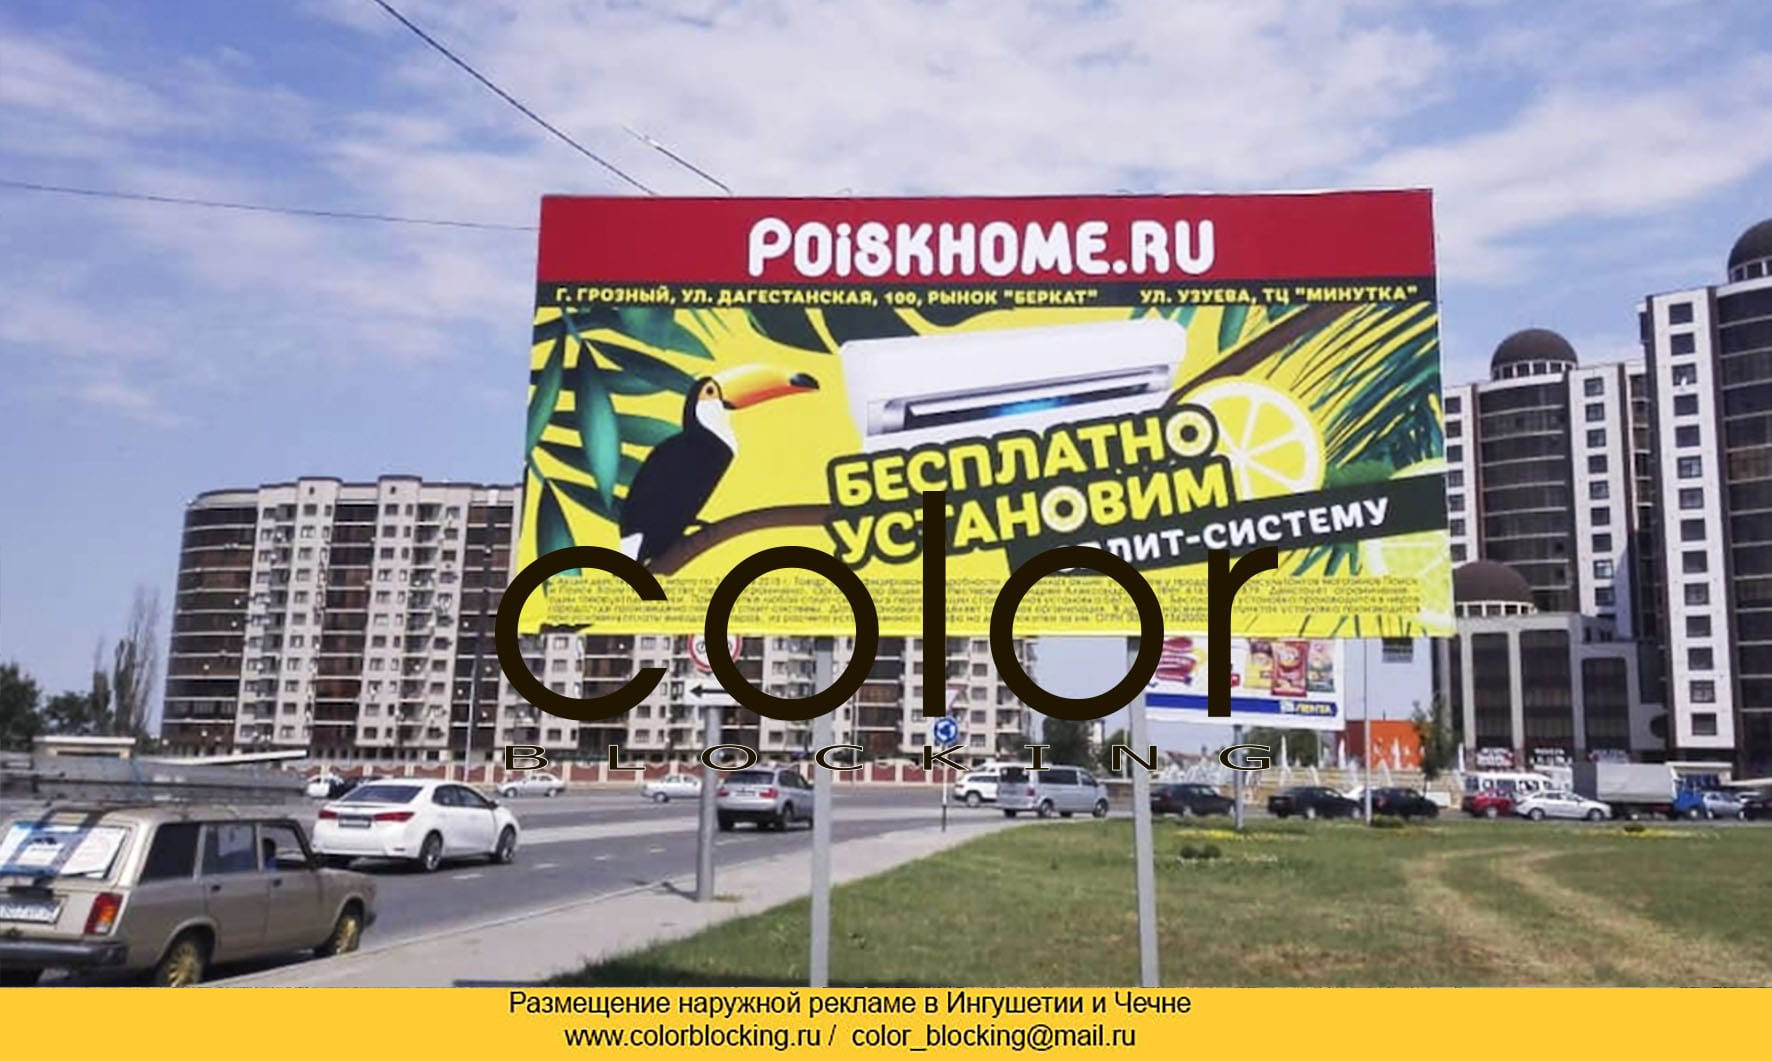 Рекламные услуги в Грозном щиты